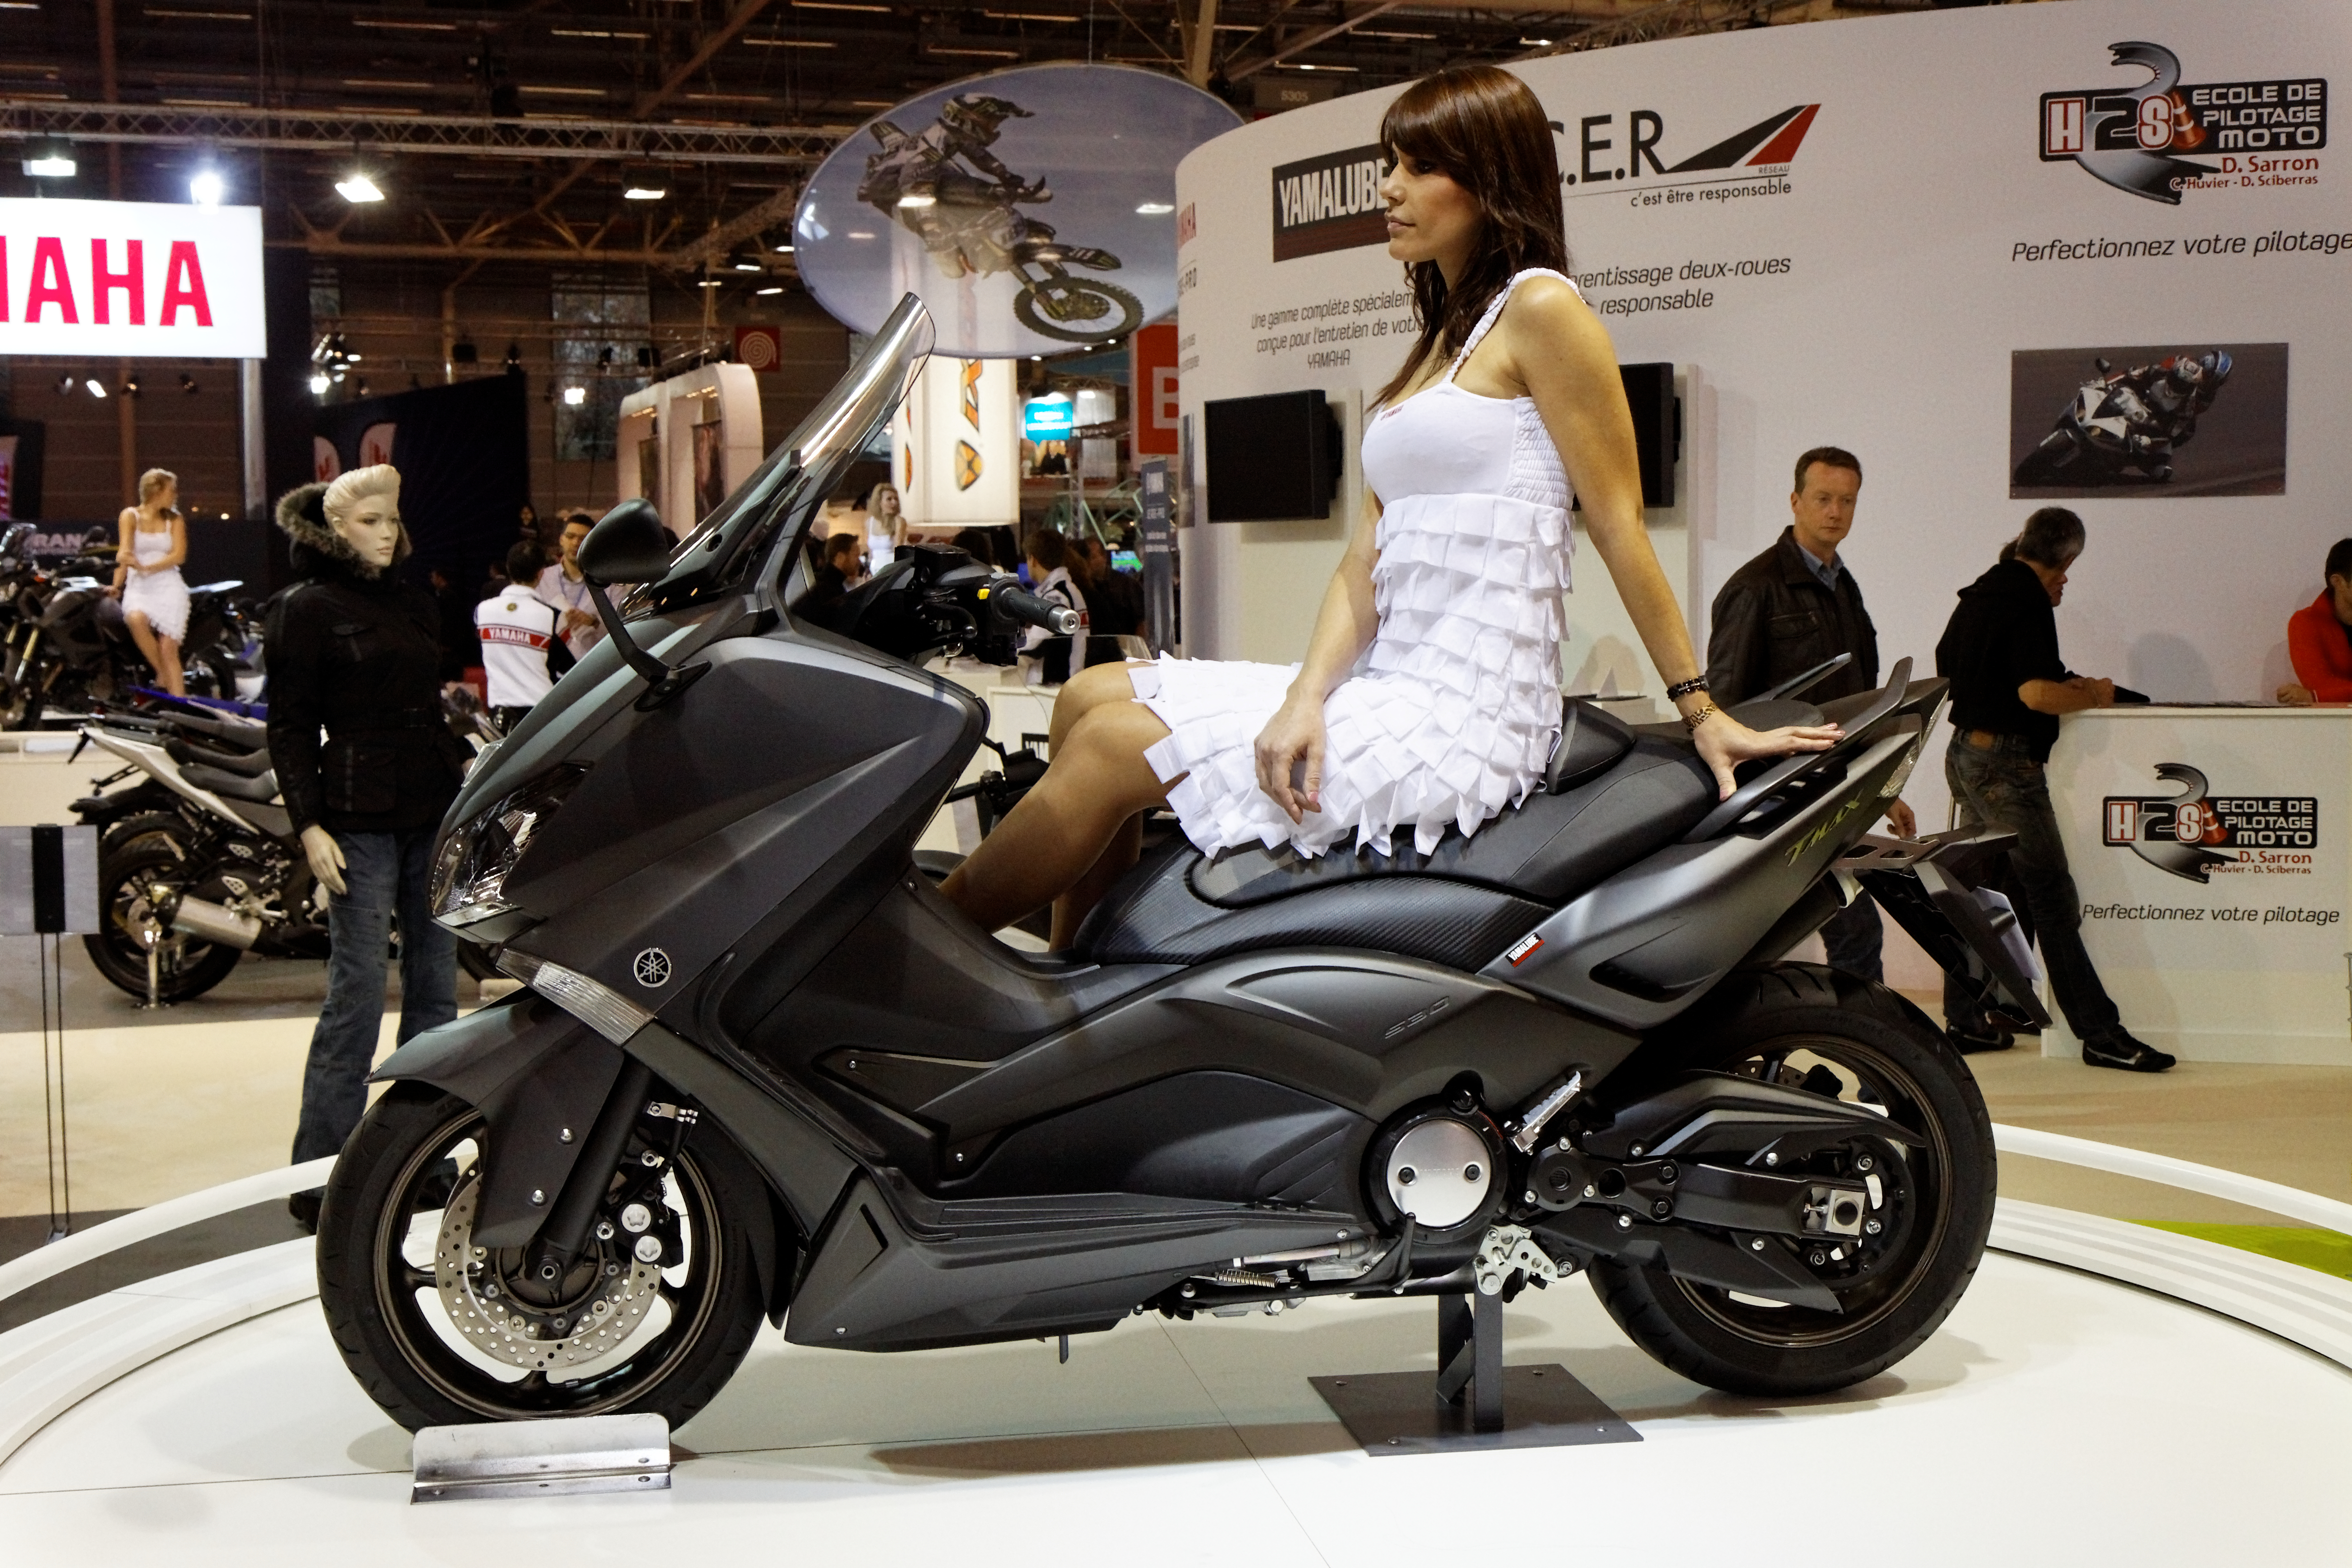 Yamaha Nmax Vs Honda Pcx Malaysia